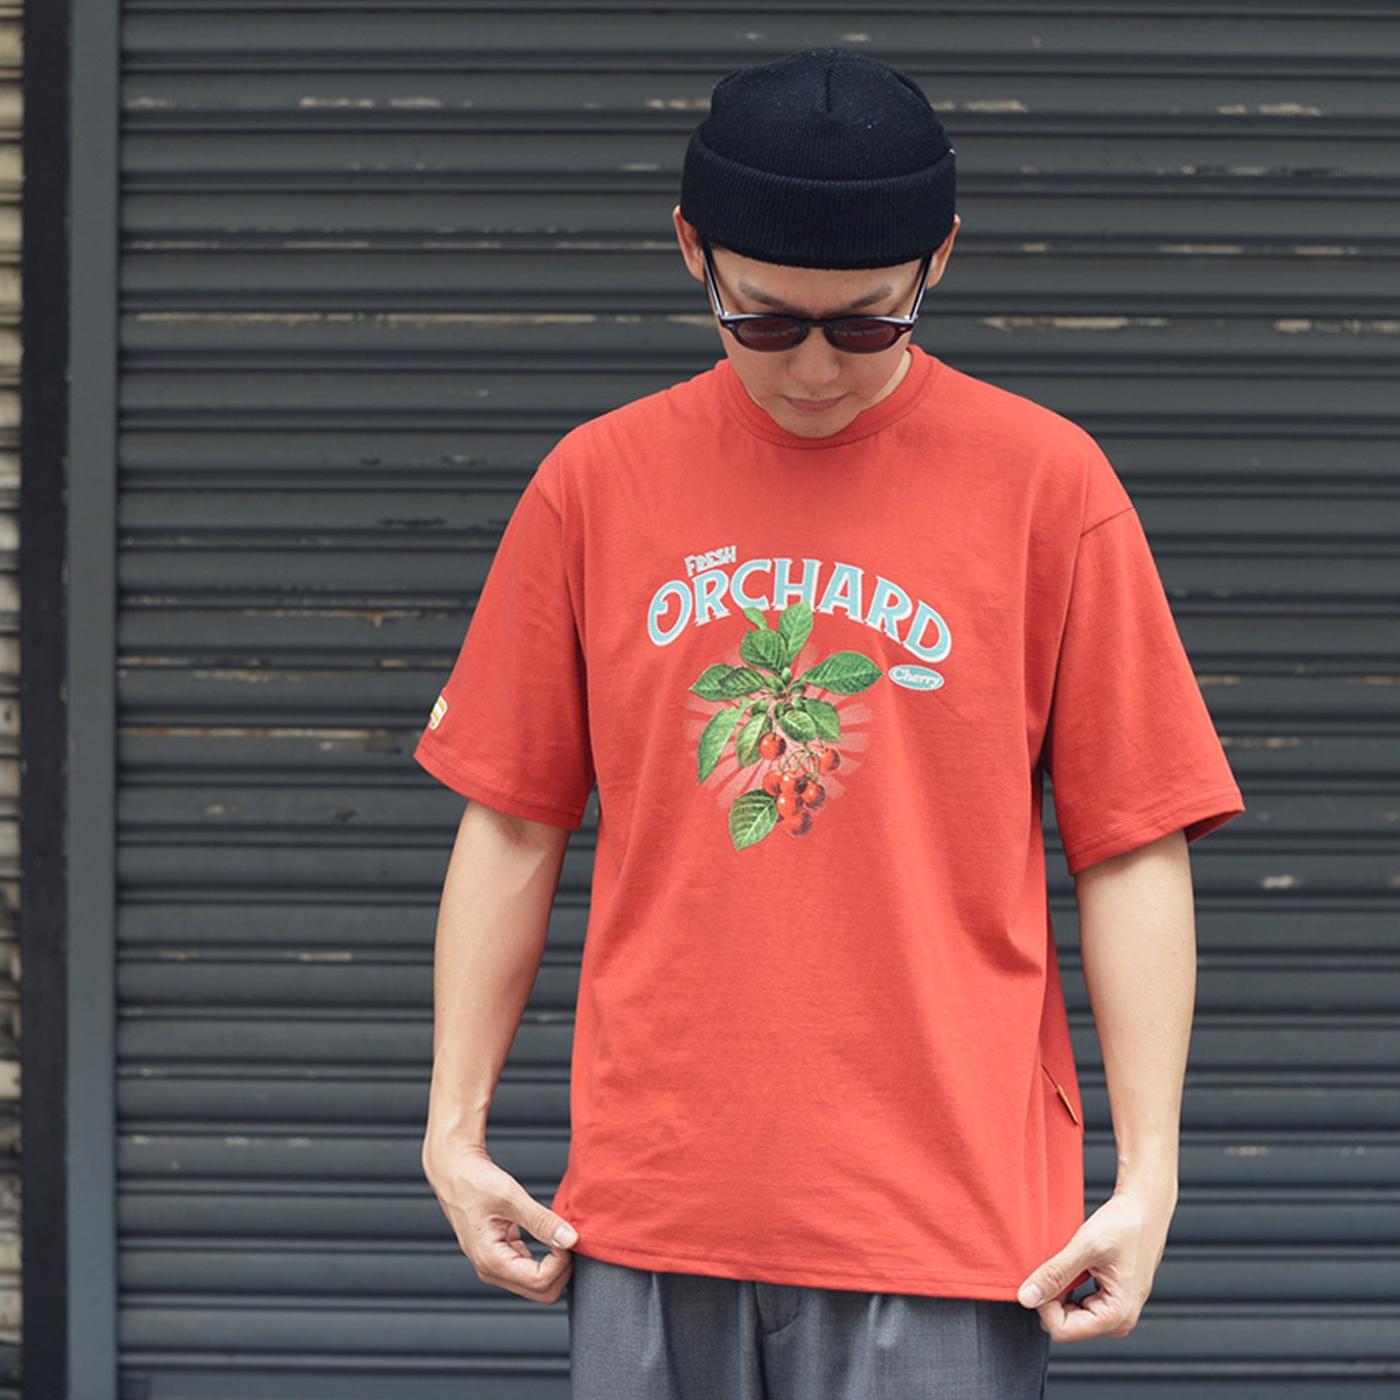 T-Shirt 穿搭,tee穿搭,素tee,條文tee,圖案tee,logotee,字母tee,夏日搭配